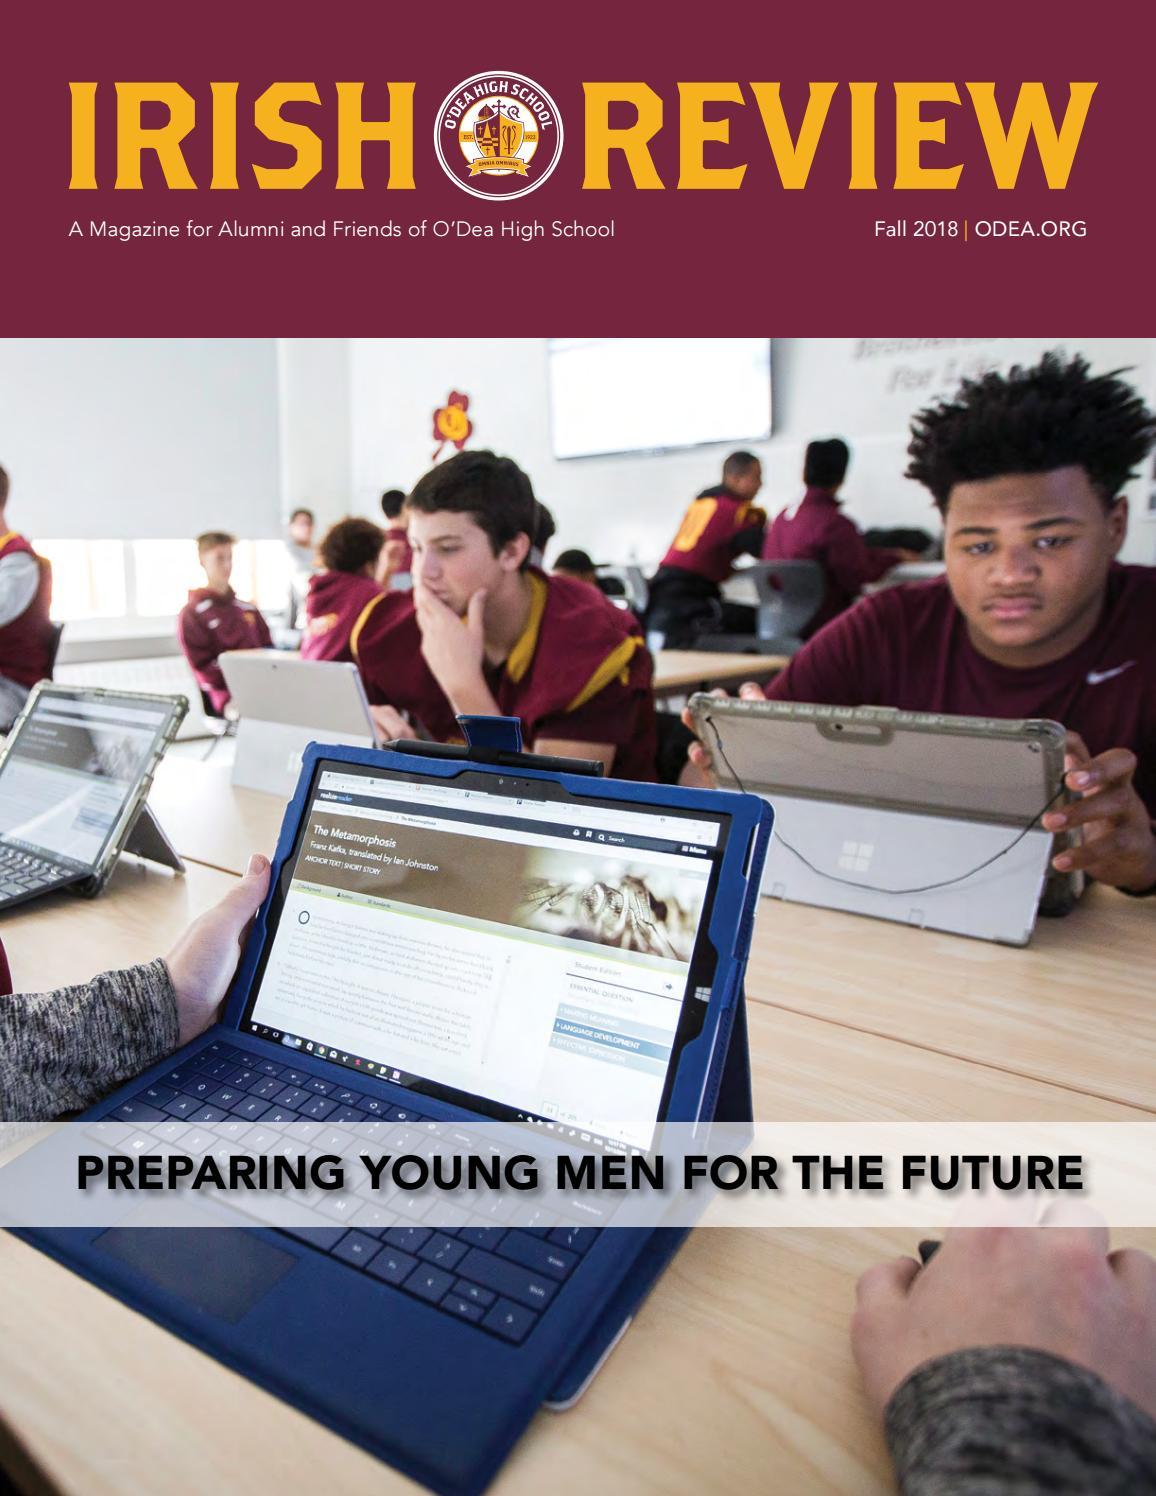 Irish Review - Fall 2018 by O'Dea High School - issuu